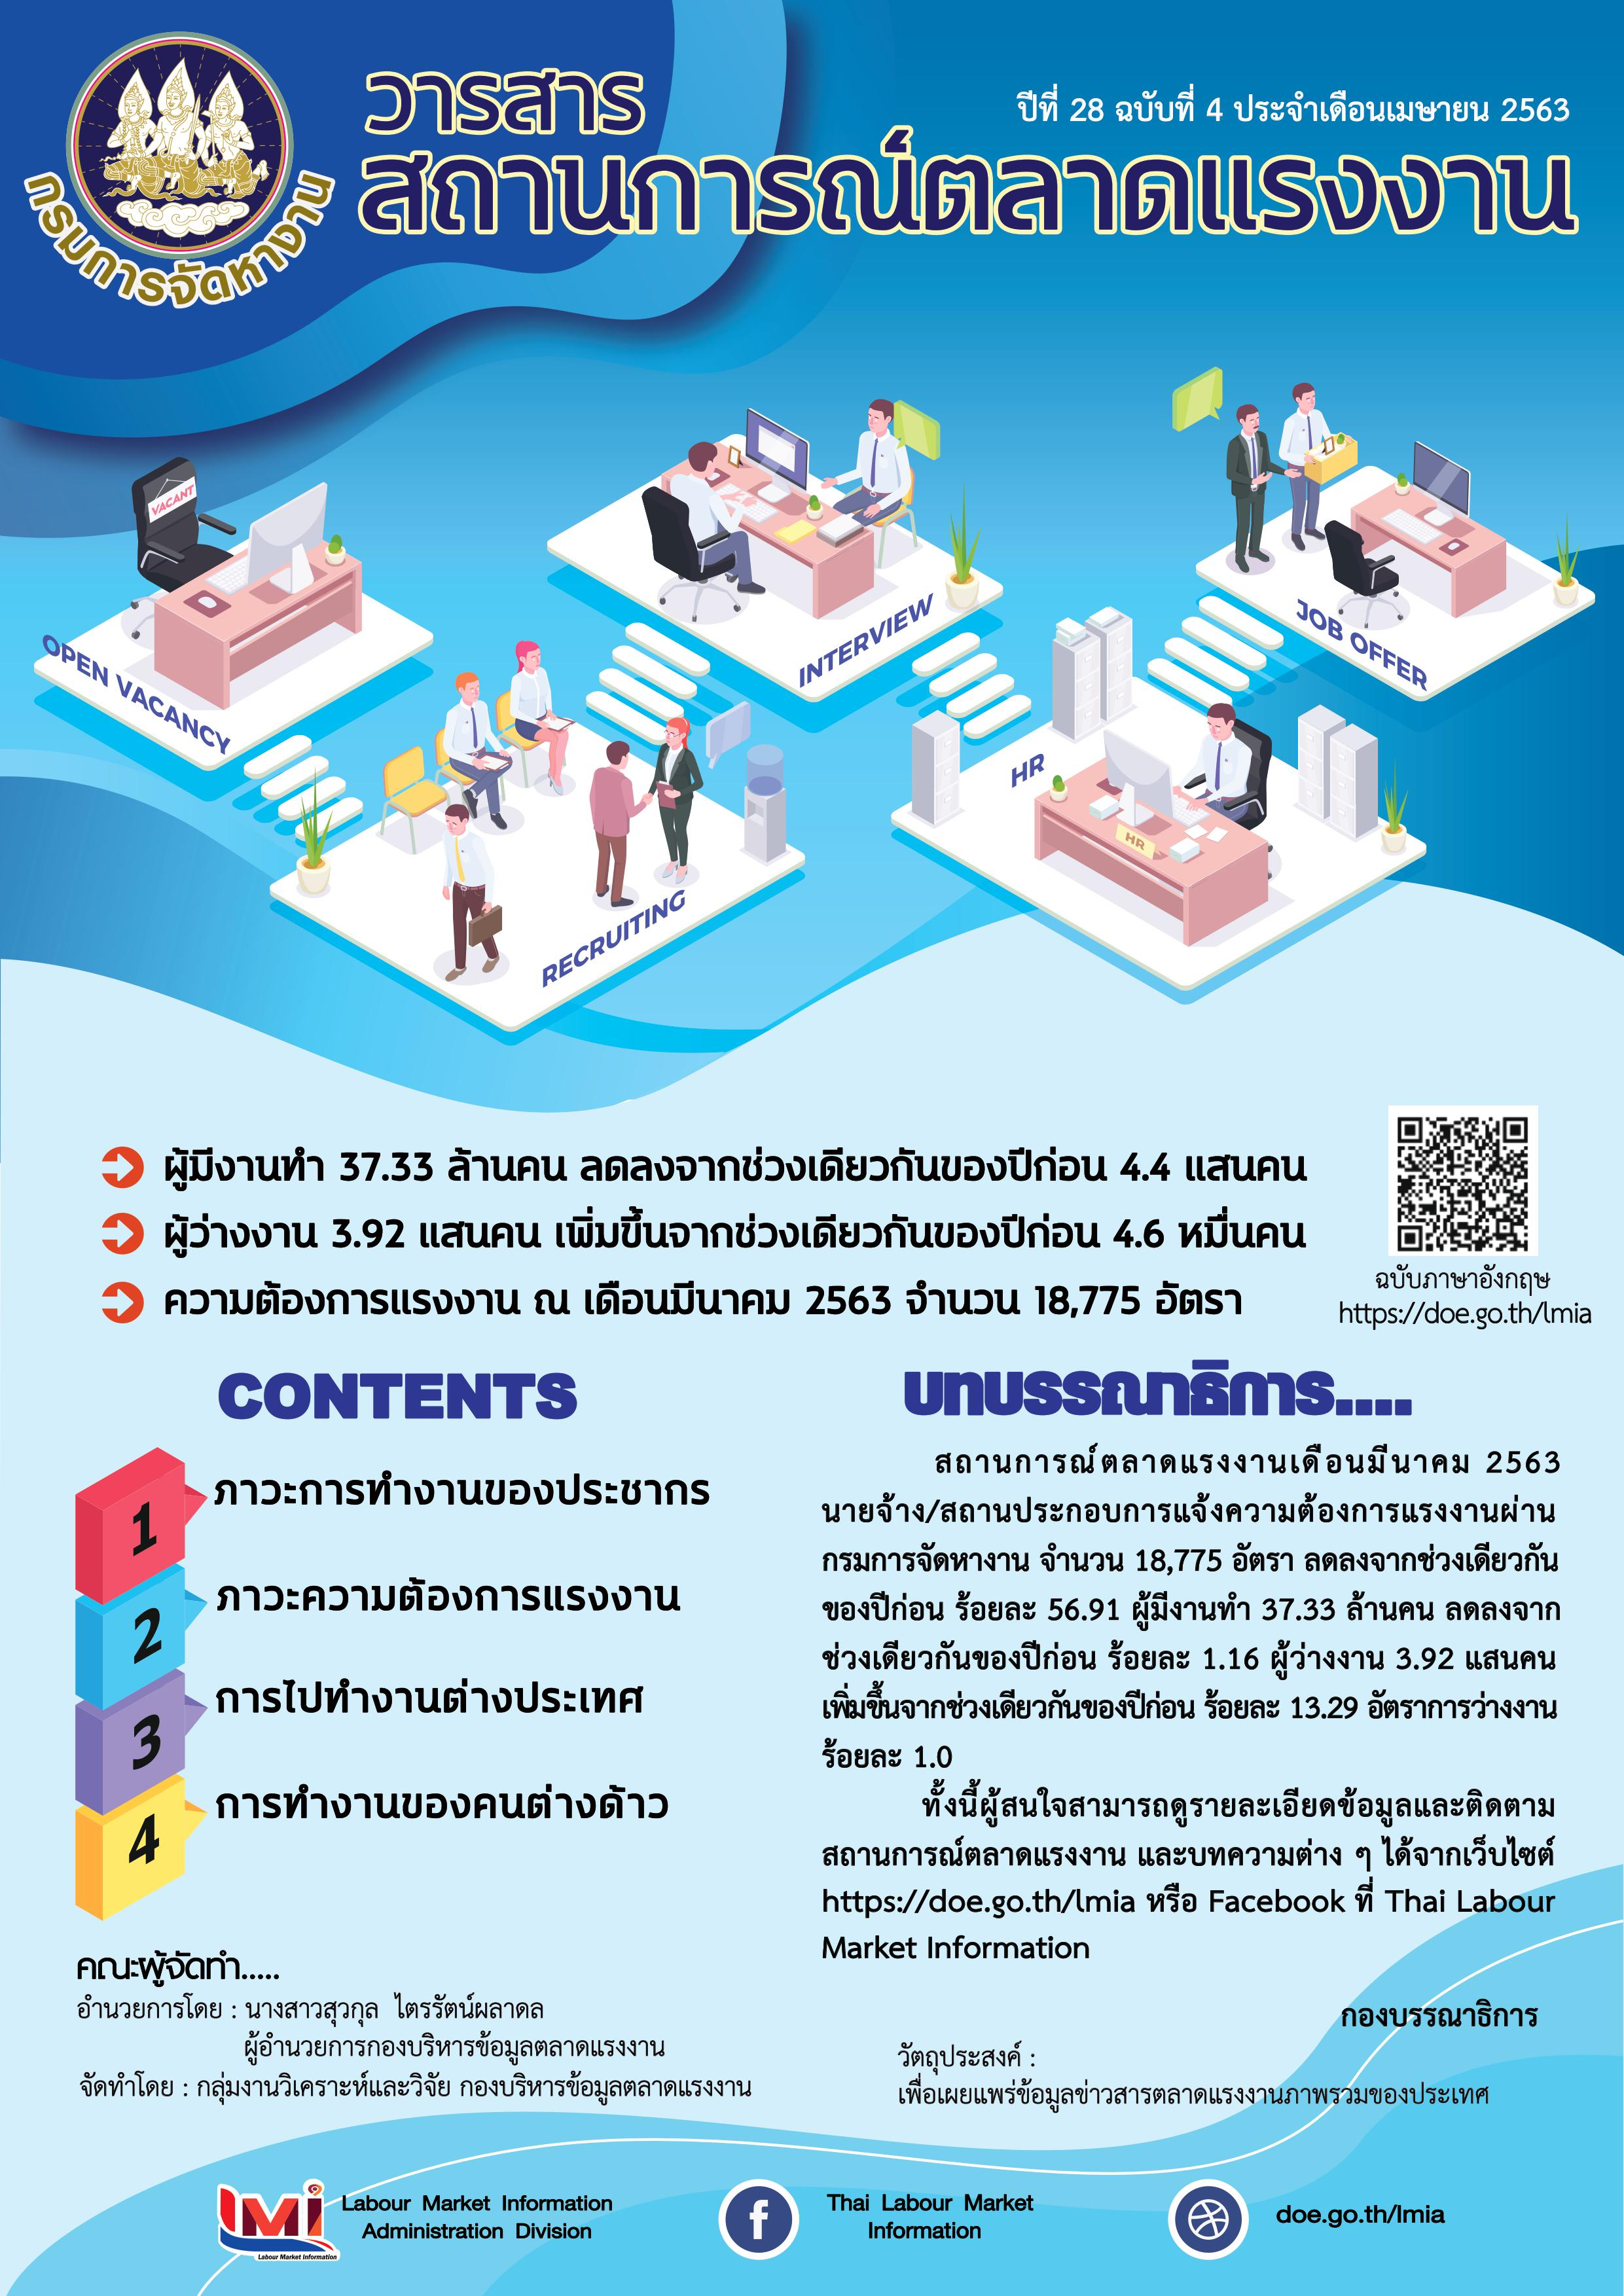 วารสารสถานการณ์ตลาดแรงงานประจำเดือนเมษายน 2563